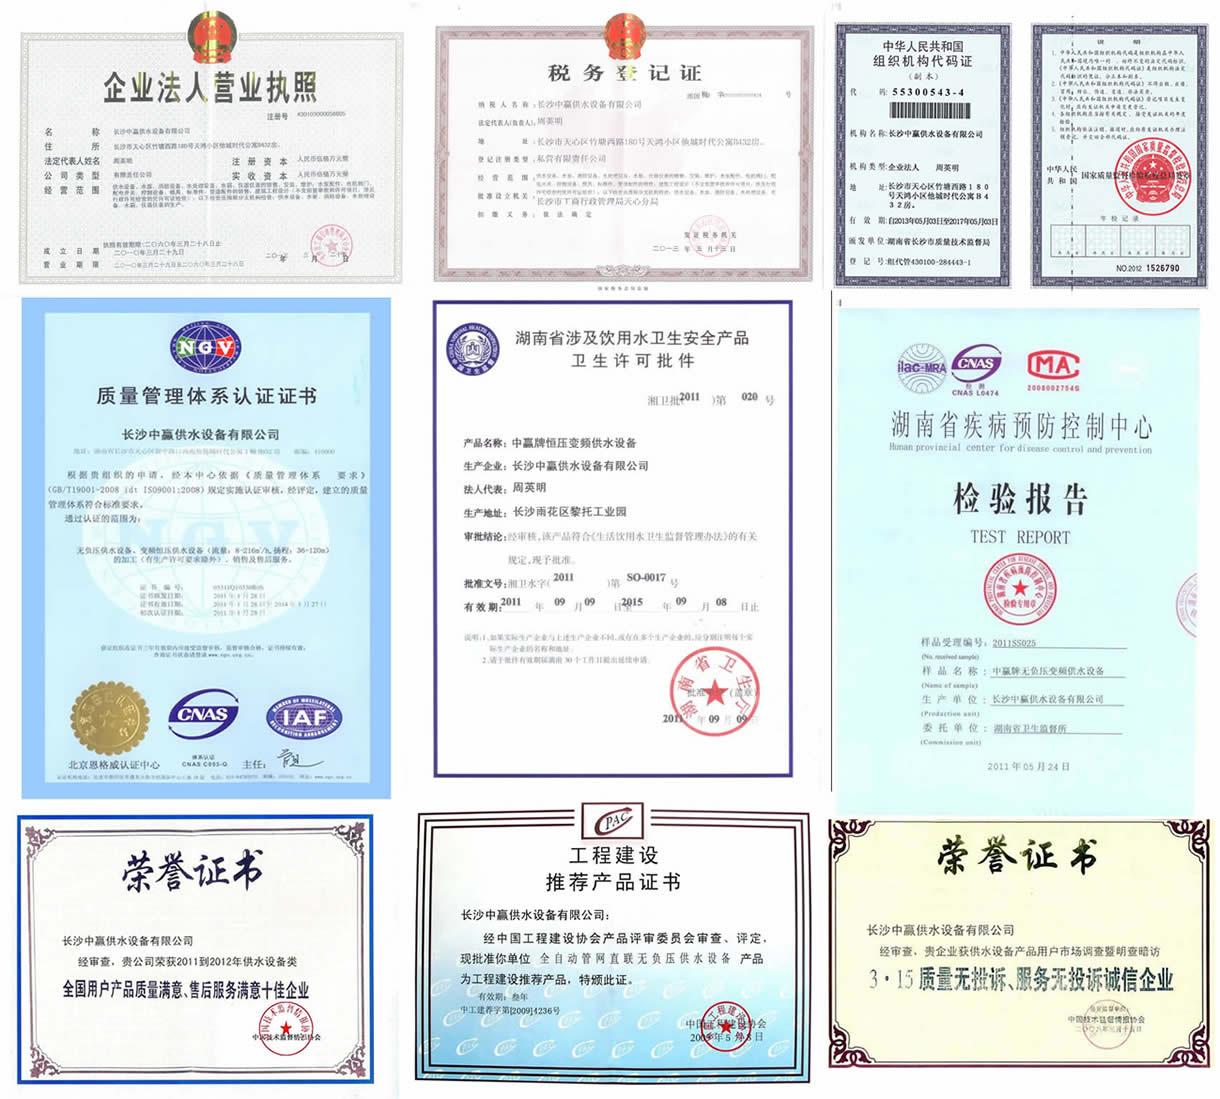 长沙中赢雷竞技官网手机版雷竞技App下载有限公司资质